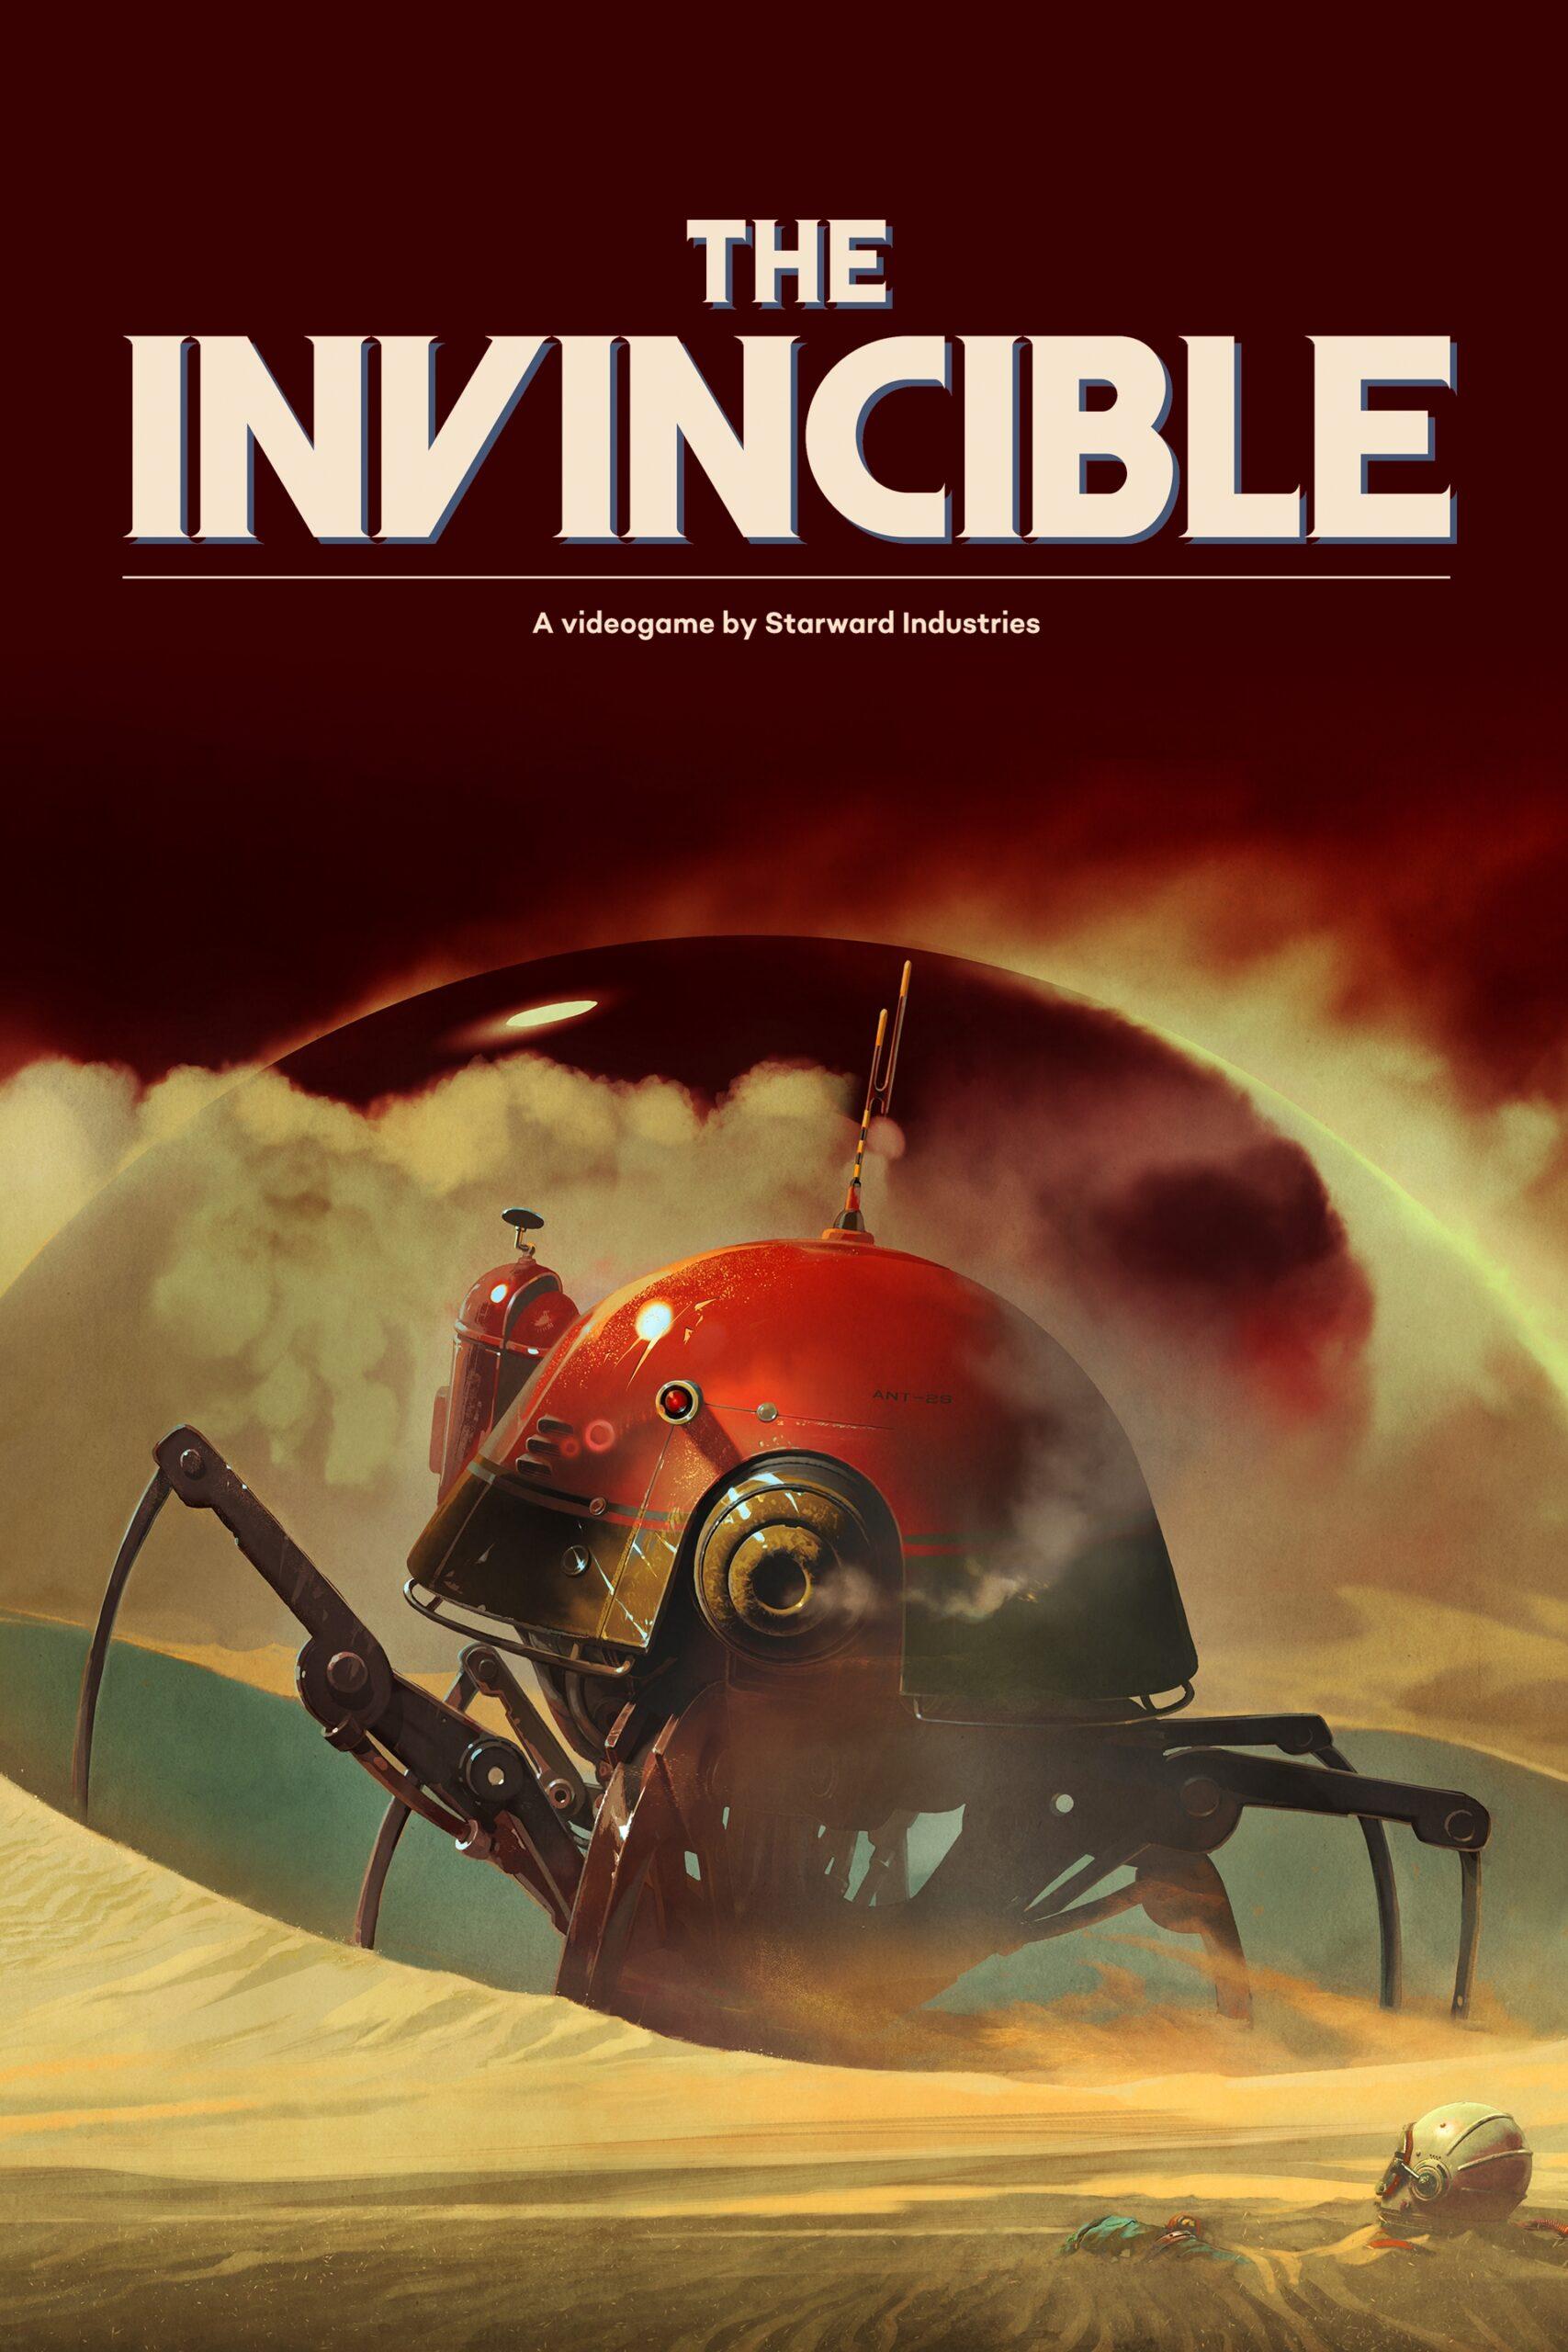 The-Invincible_2020_09-15-20_013